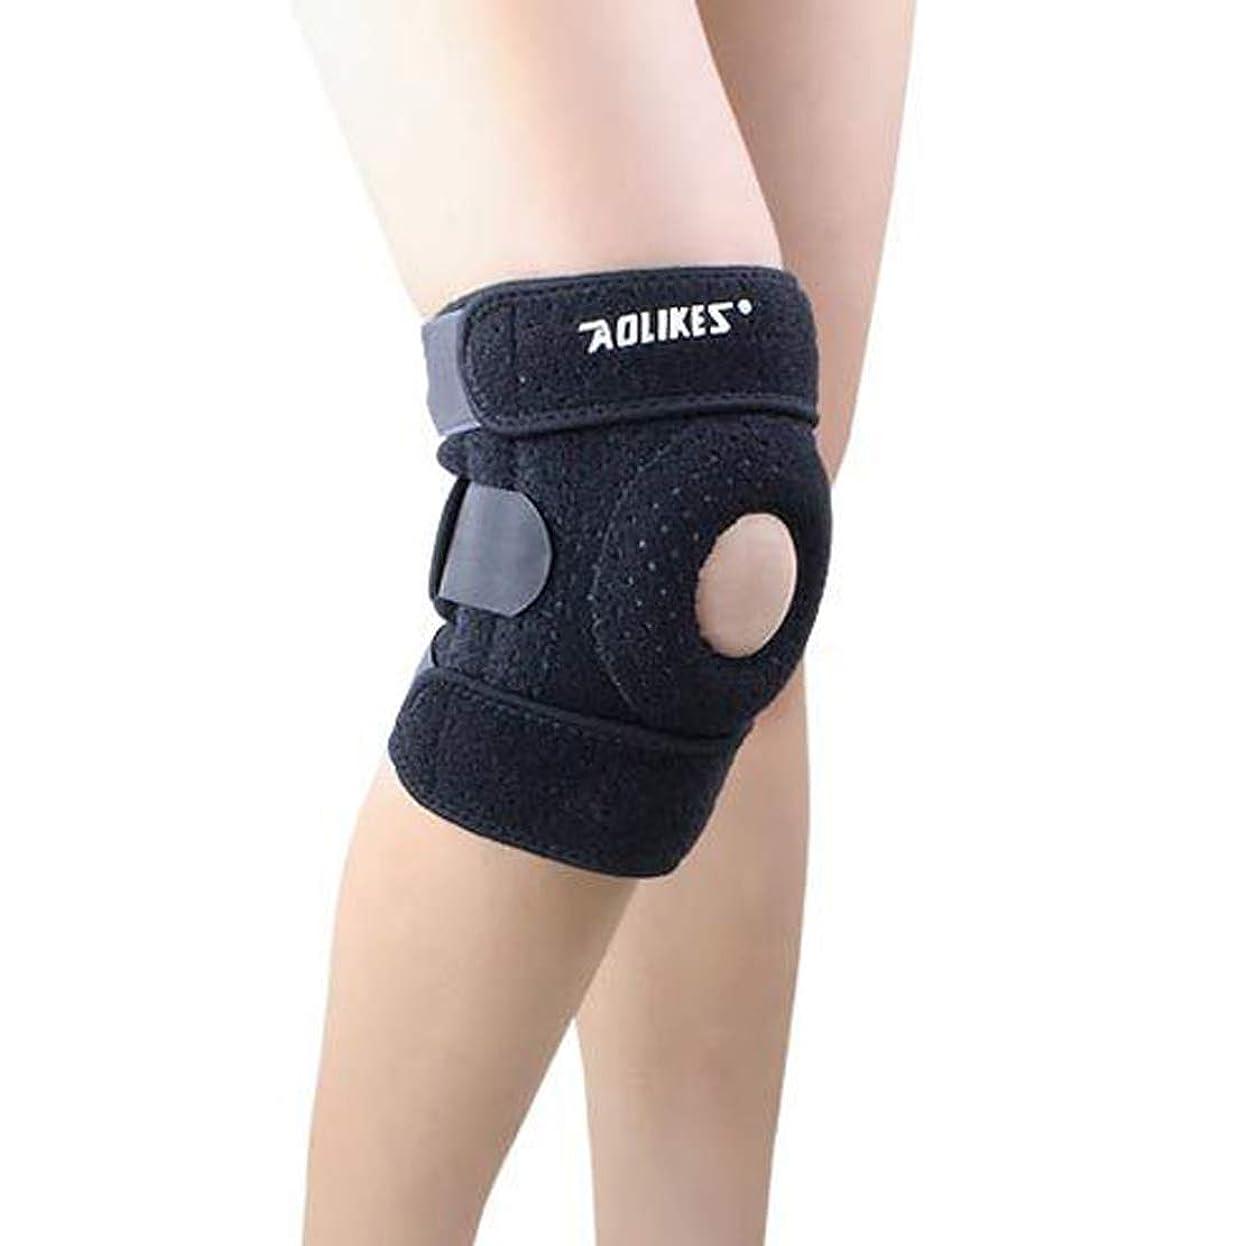 計り知れない結紮スーツケース1X膝パッド膝ブレース関節炎ACLと半月板裂傷のための自然治癒ウォーキングサイクリングバスケットボールを実行するための最高の膝パッドのサポート 自然治癒 回復を助ける